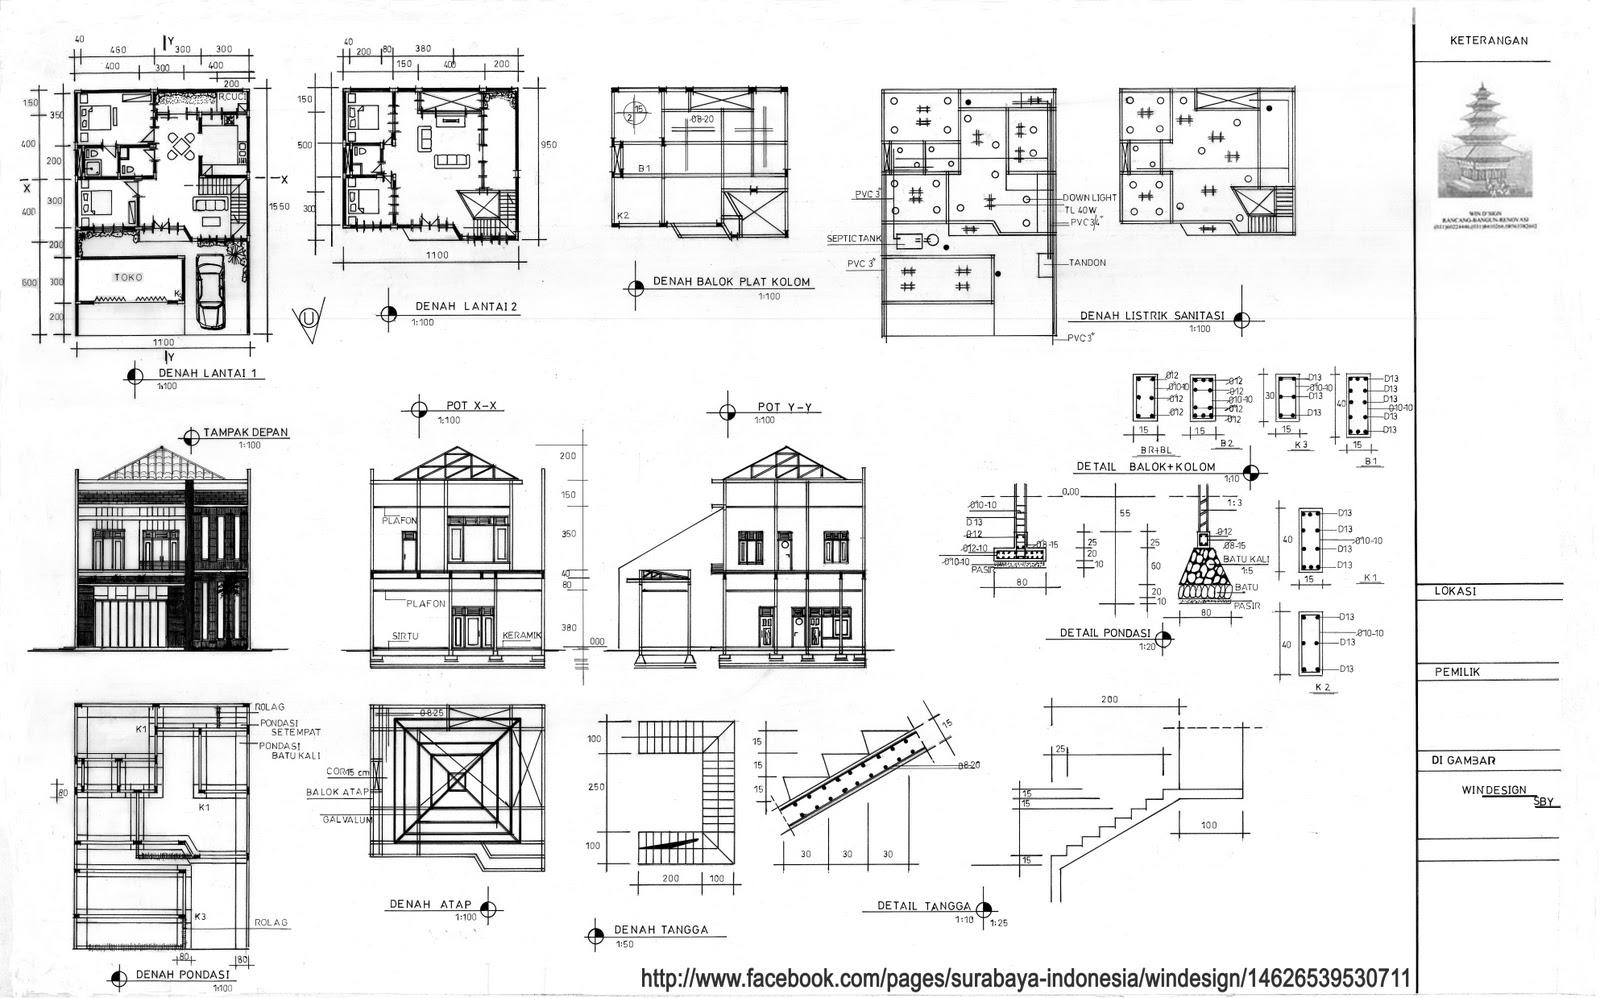 Gambar Kerja Denah Dan Tampak Rumah Kotak 2 Lantai – Cuitan